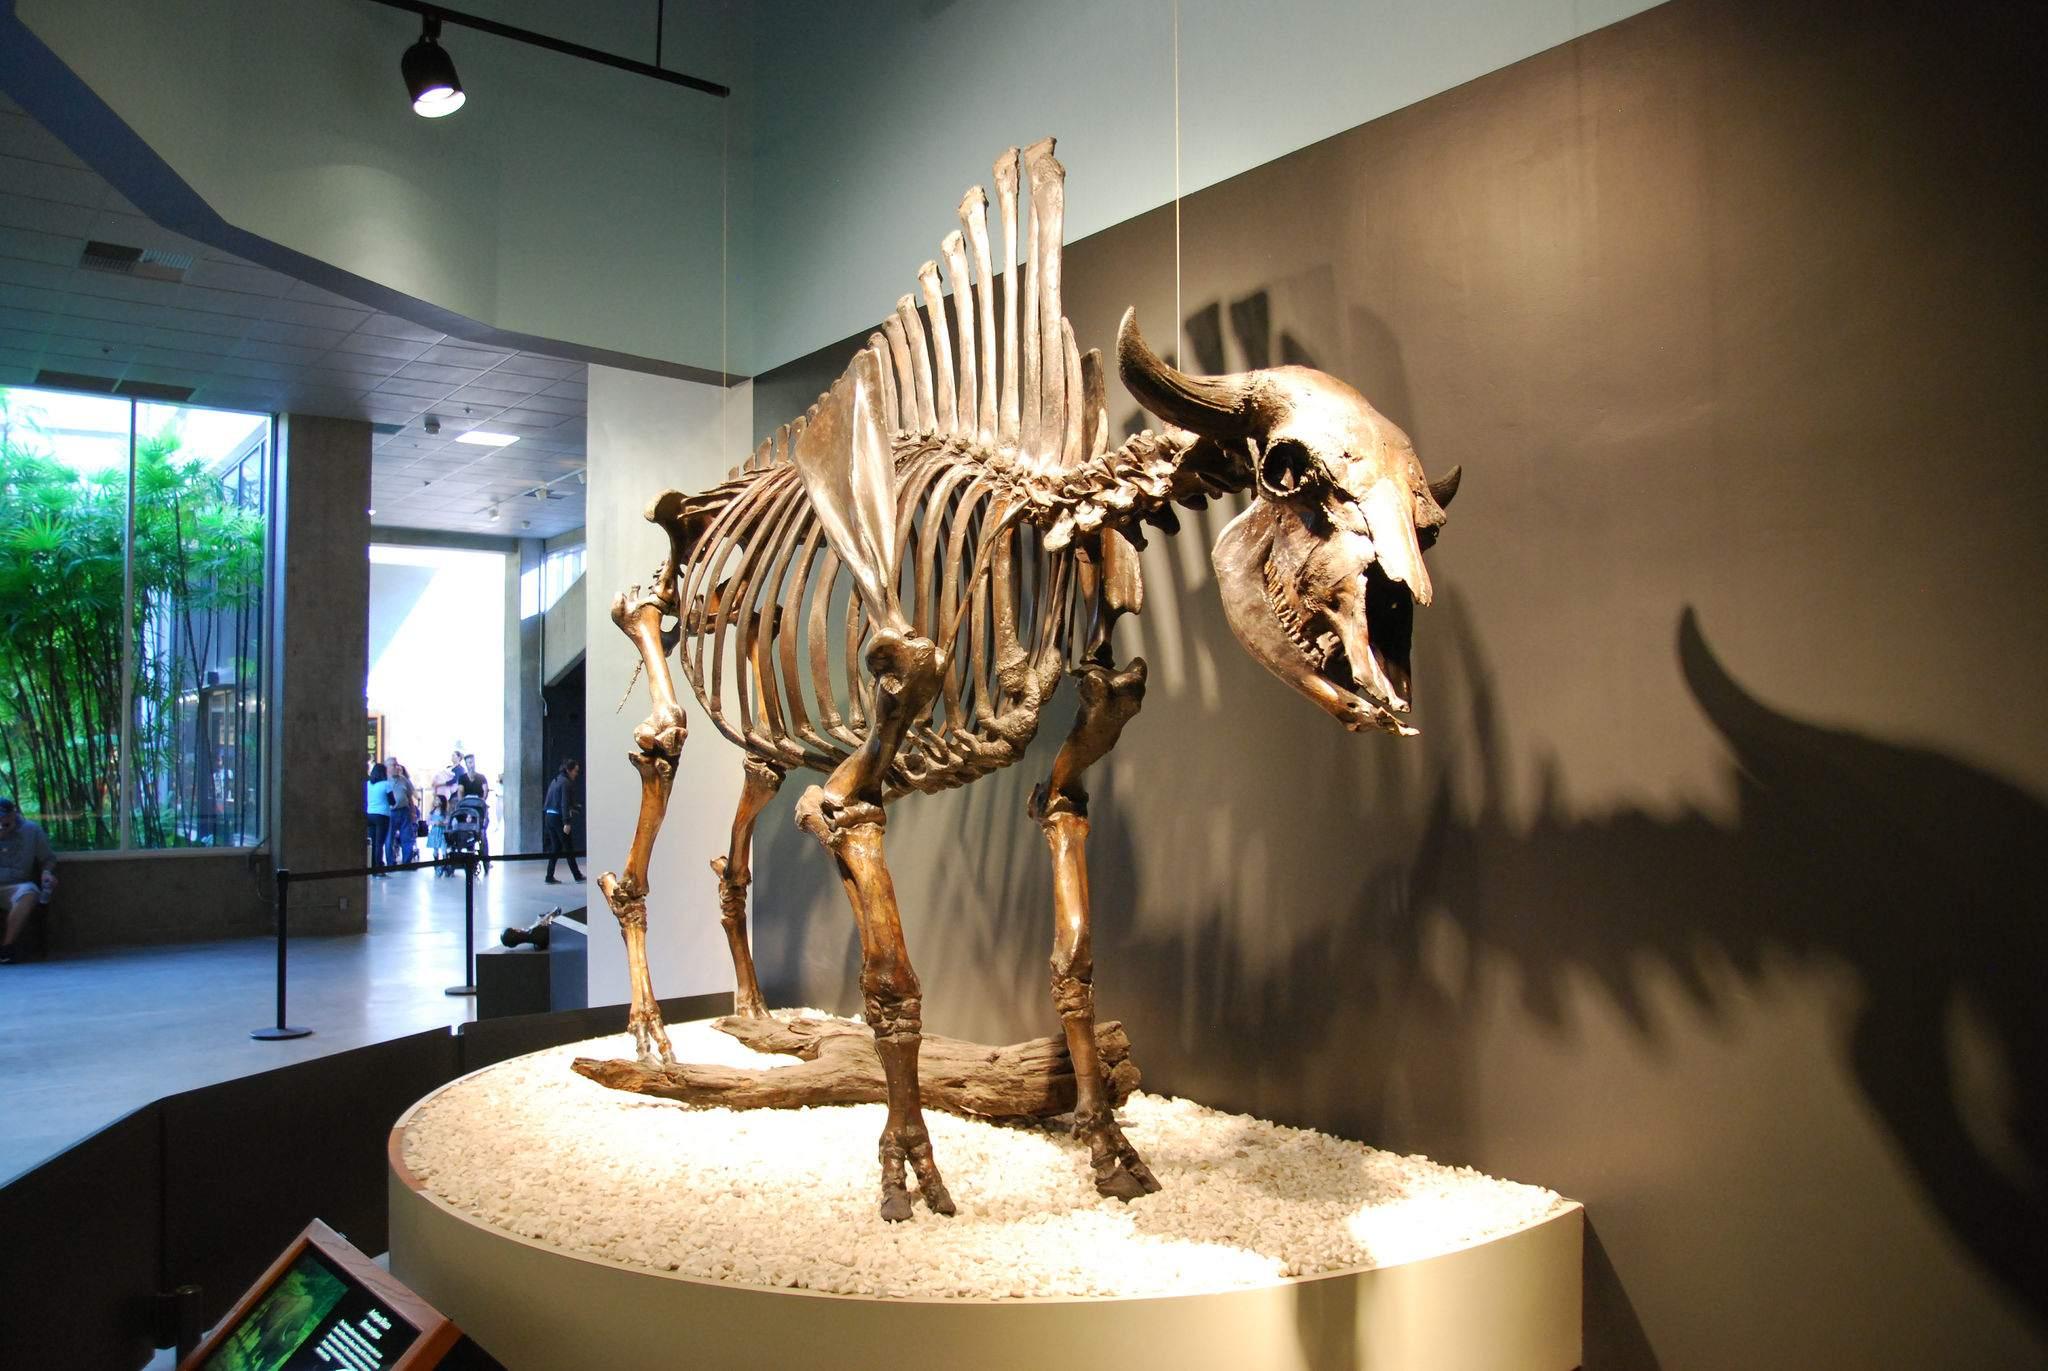 la brea tar pits1 La Brea Tar Pits and Museum in LA